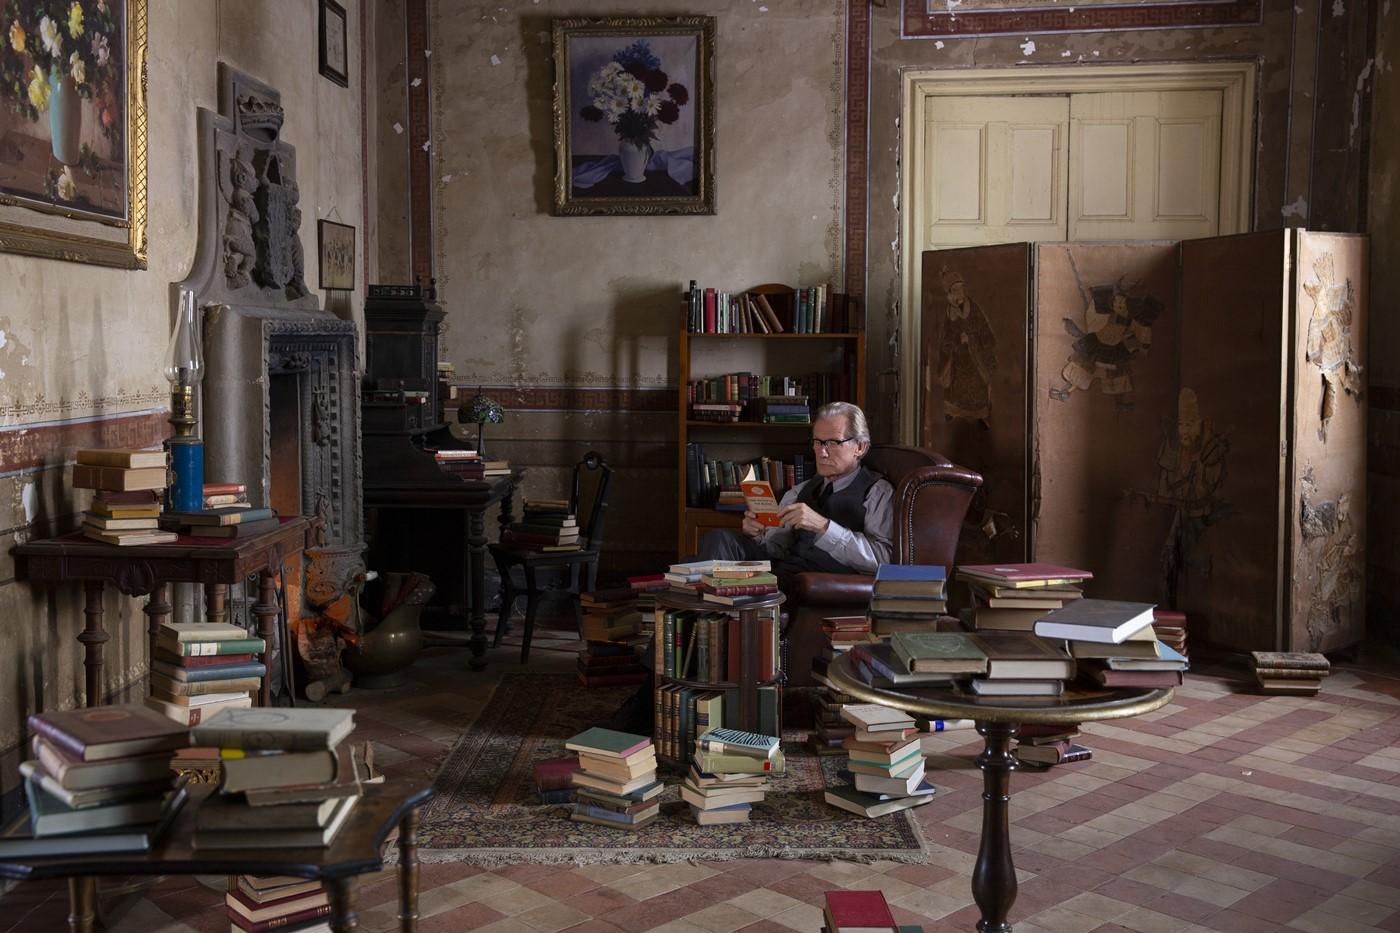 La-casa-dei-libri-2017-Isabel-Coixet-005